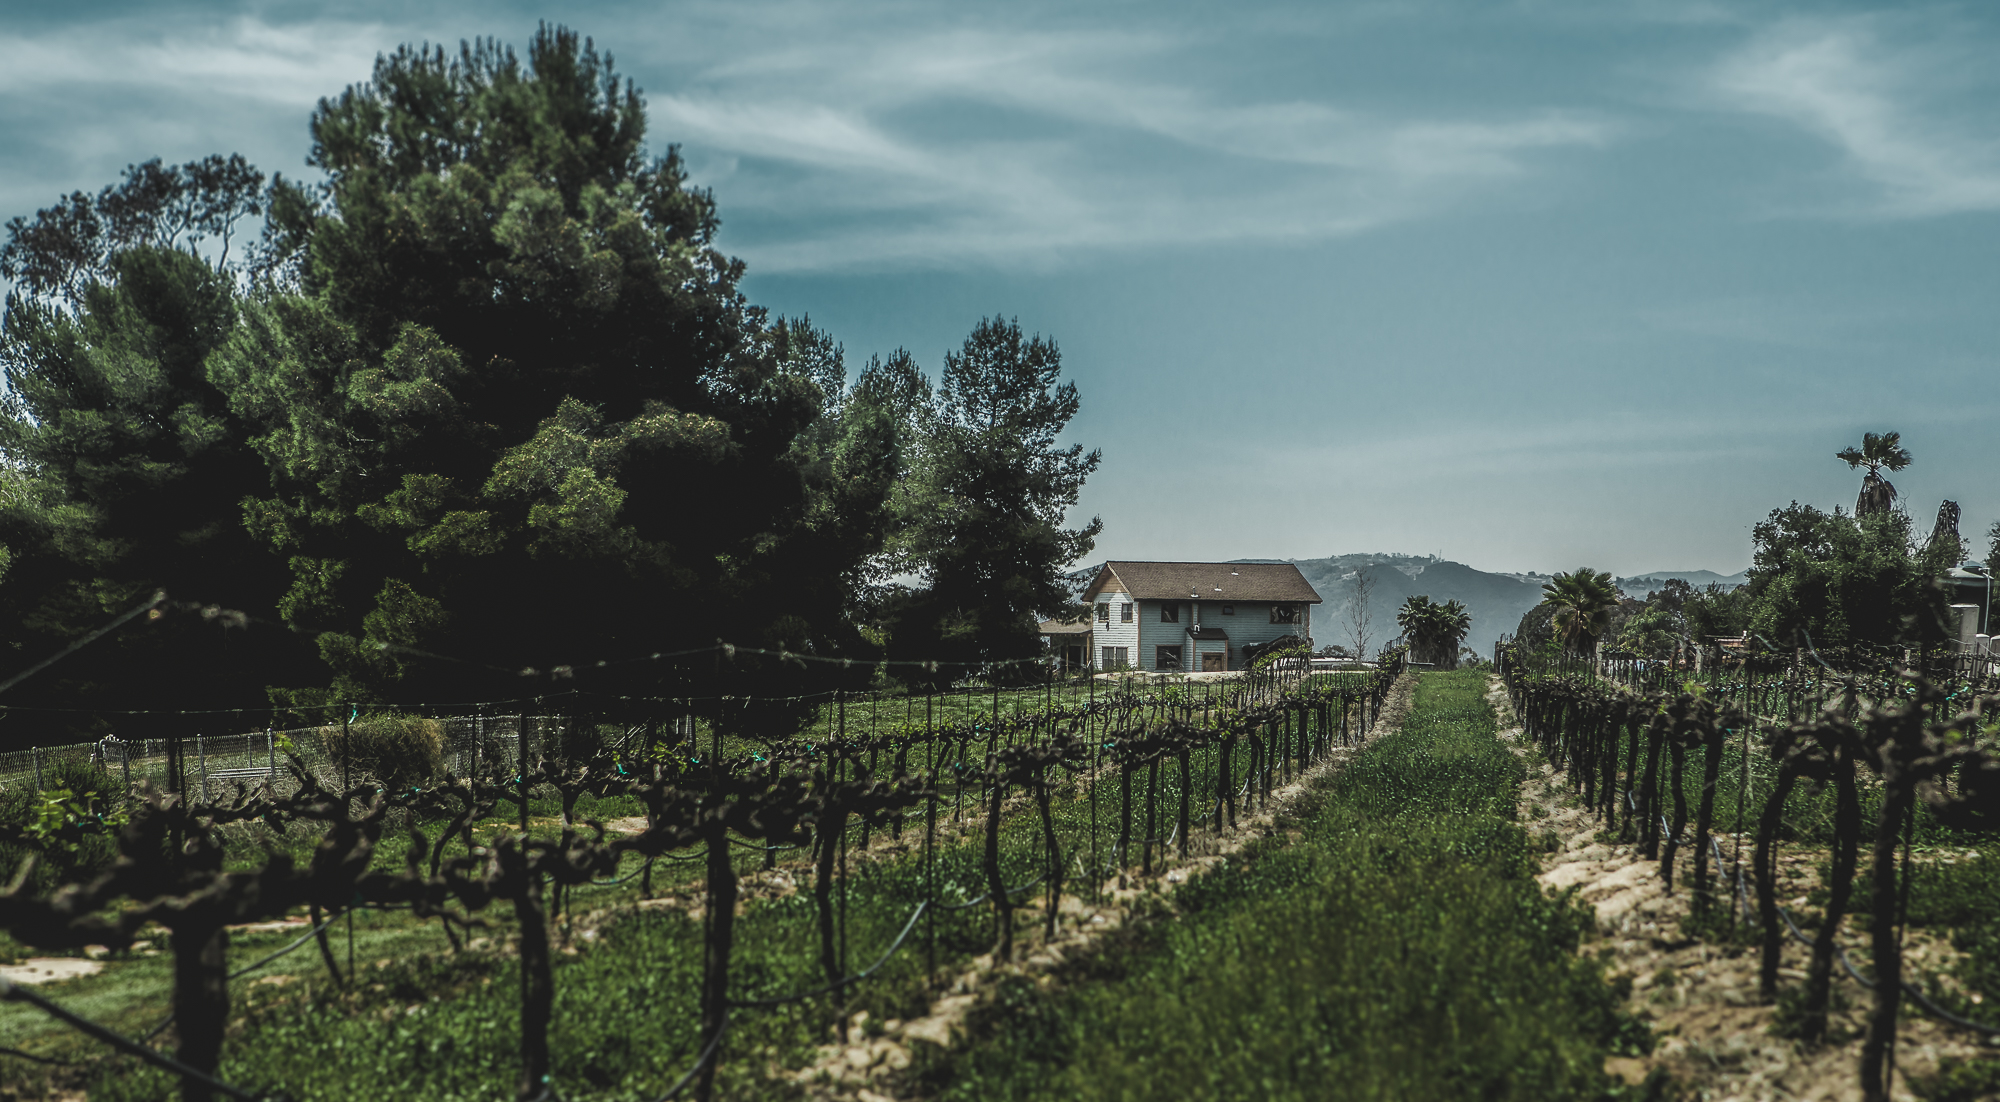 vineyard in temecula, ca 4.5.18